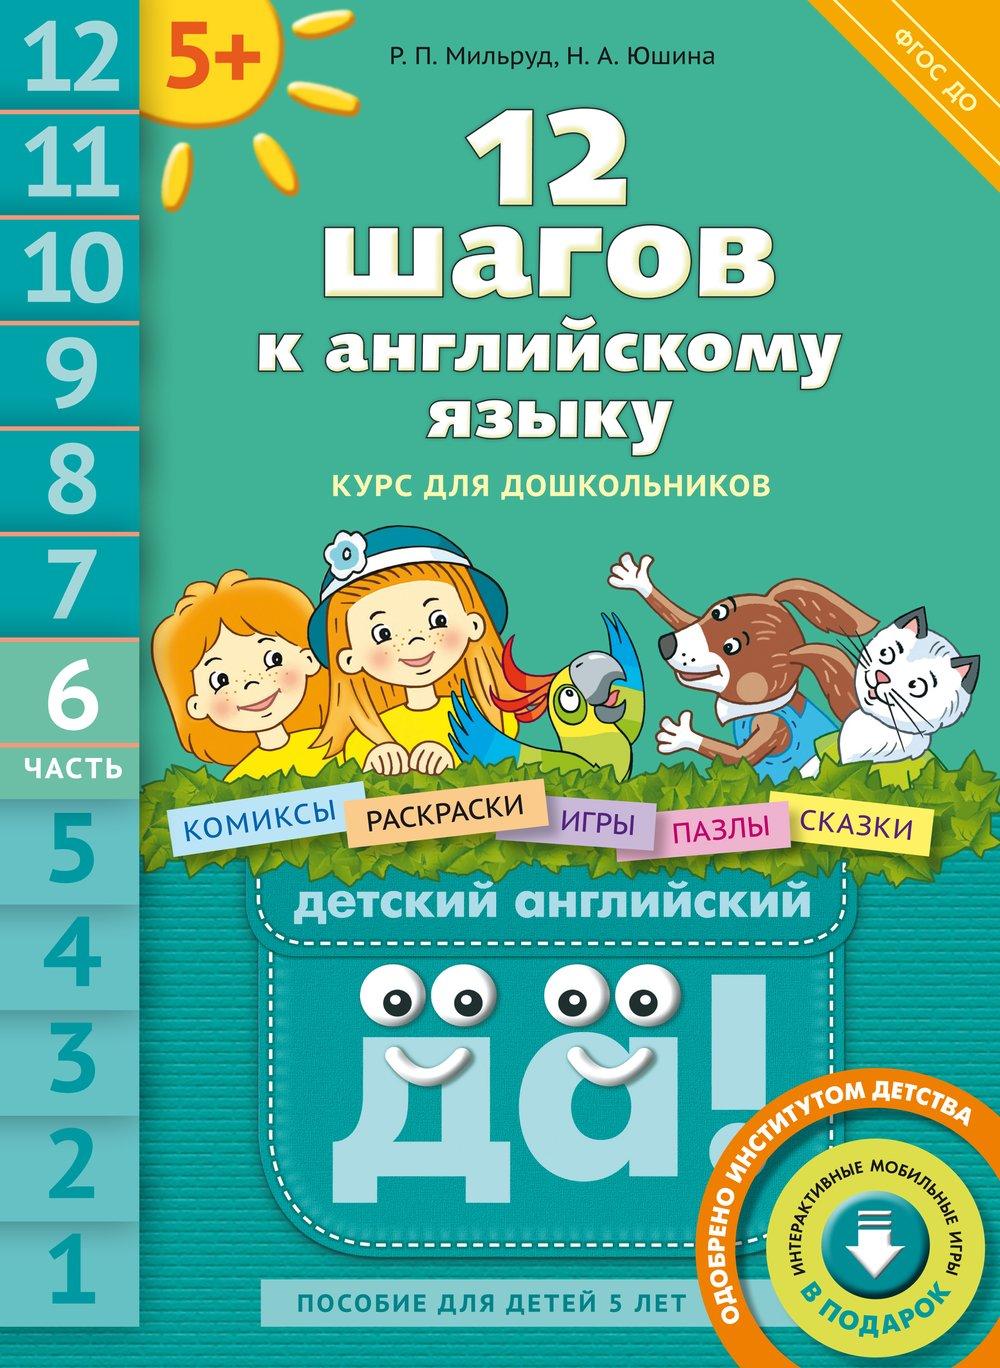 Мильруд Р. П. и др. Онлайн-ресурс. 12 шагов к английскому языку. Ч. 6. Для детей 5 лет. Английский язык